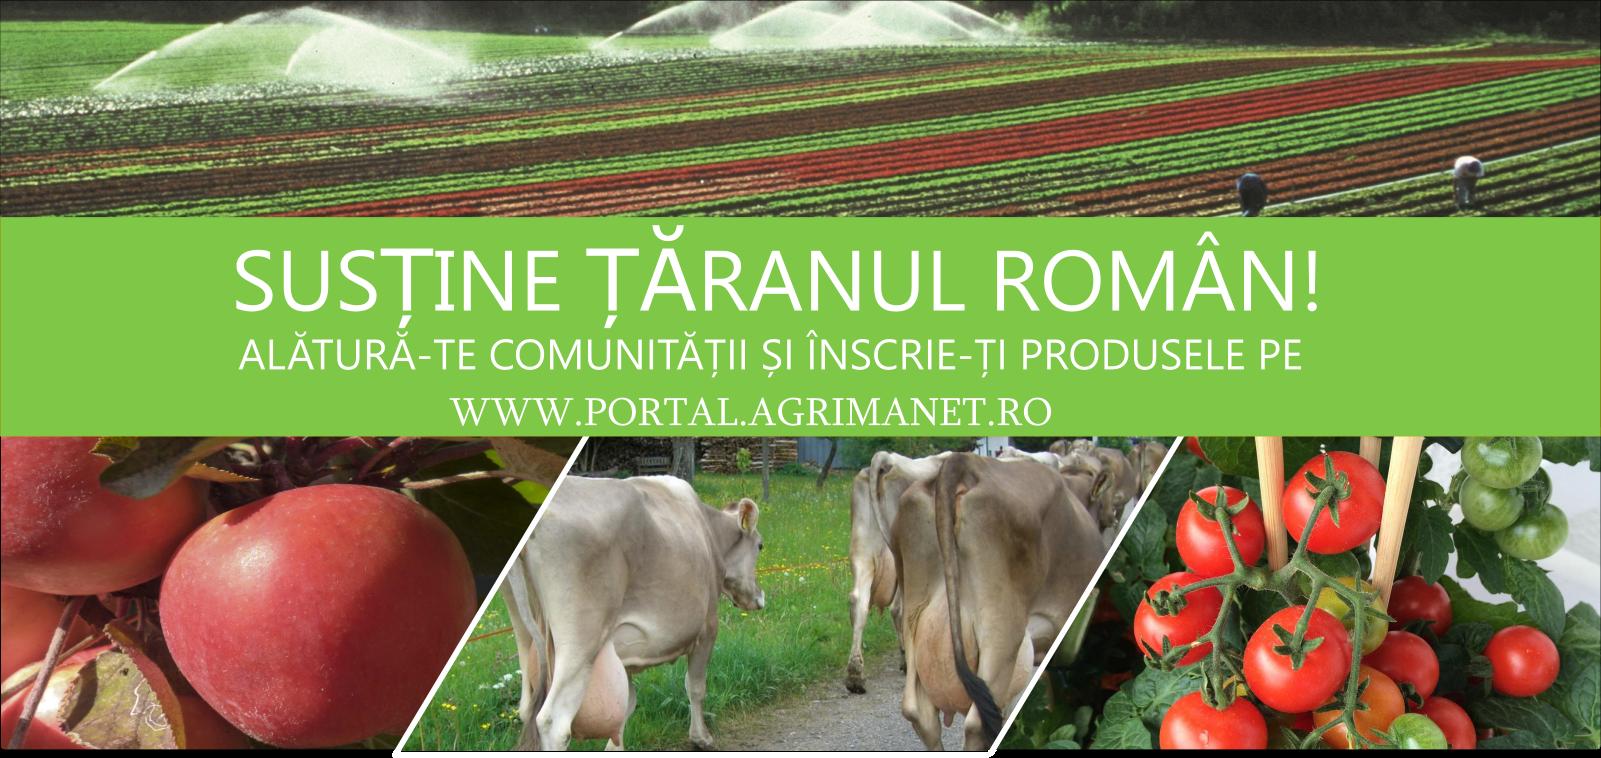 comunitatea agricultorilor si fermierilor romani